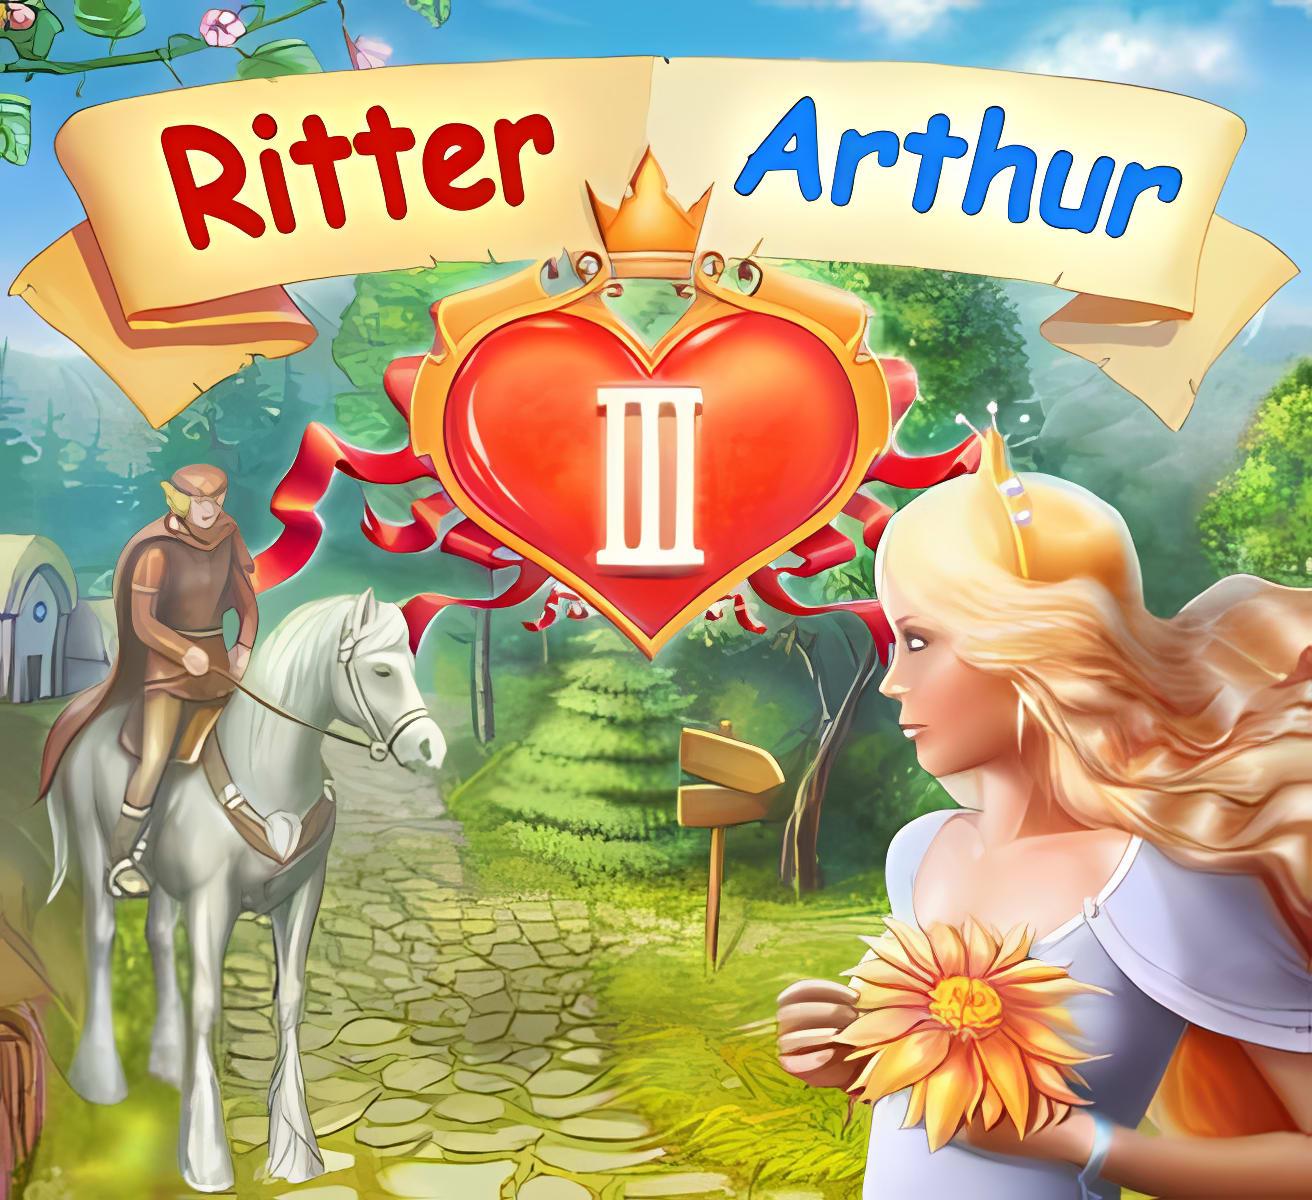 Ritter Arthur III 1.0.0.46